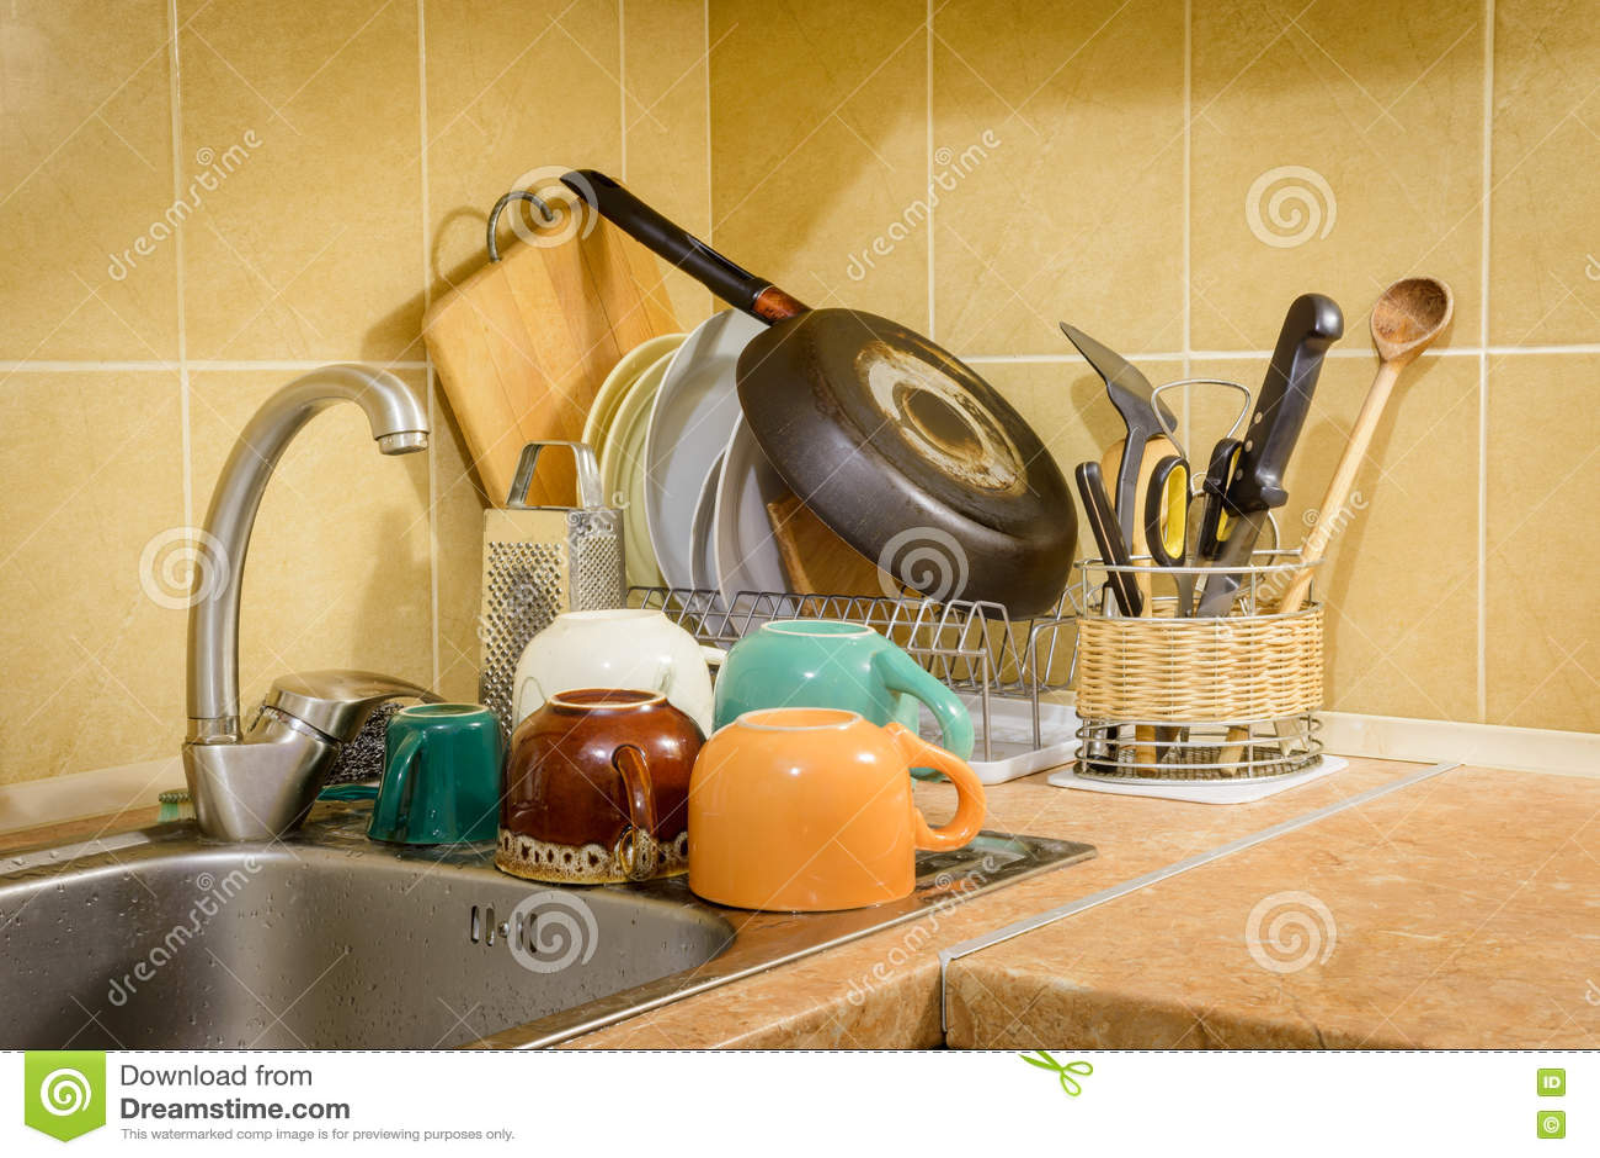 Küche mit integrierter waschmaschine luxus badezimmer mit